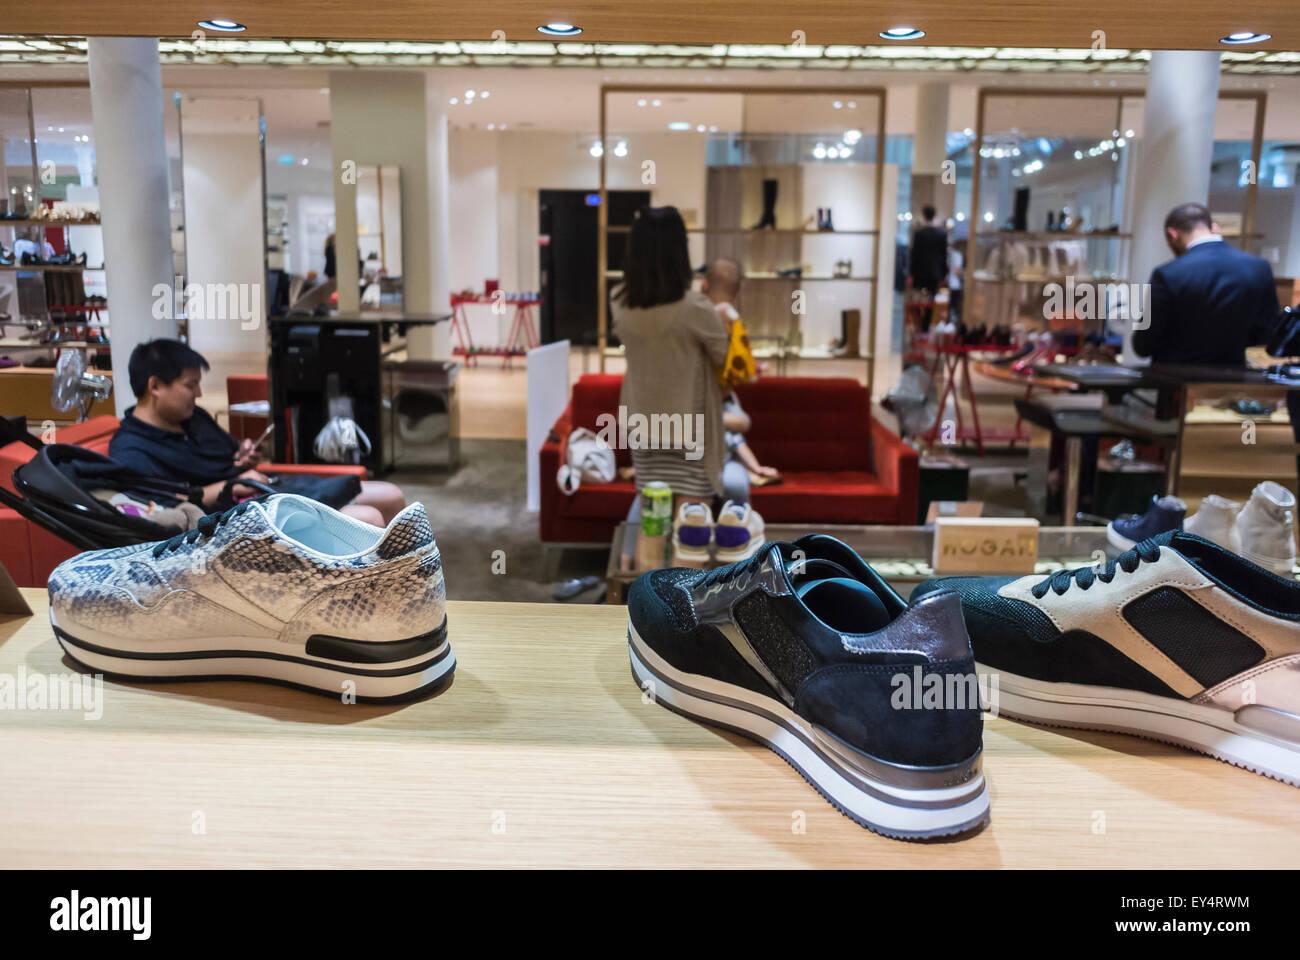 ddd62b38fc0d92 Paris, France, de détail, à l'intérieur du magasin de chaussures de luxe,  marques de mode Shopping in French Department Store,